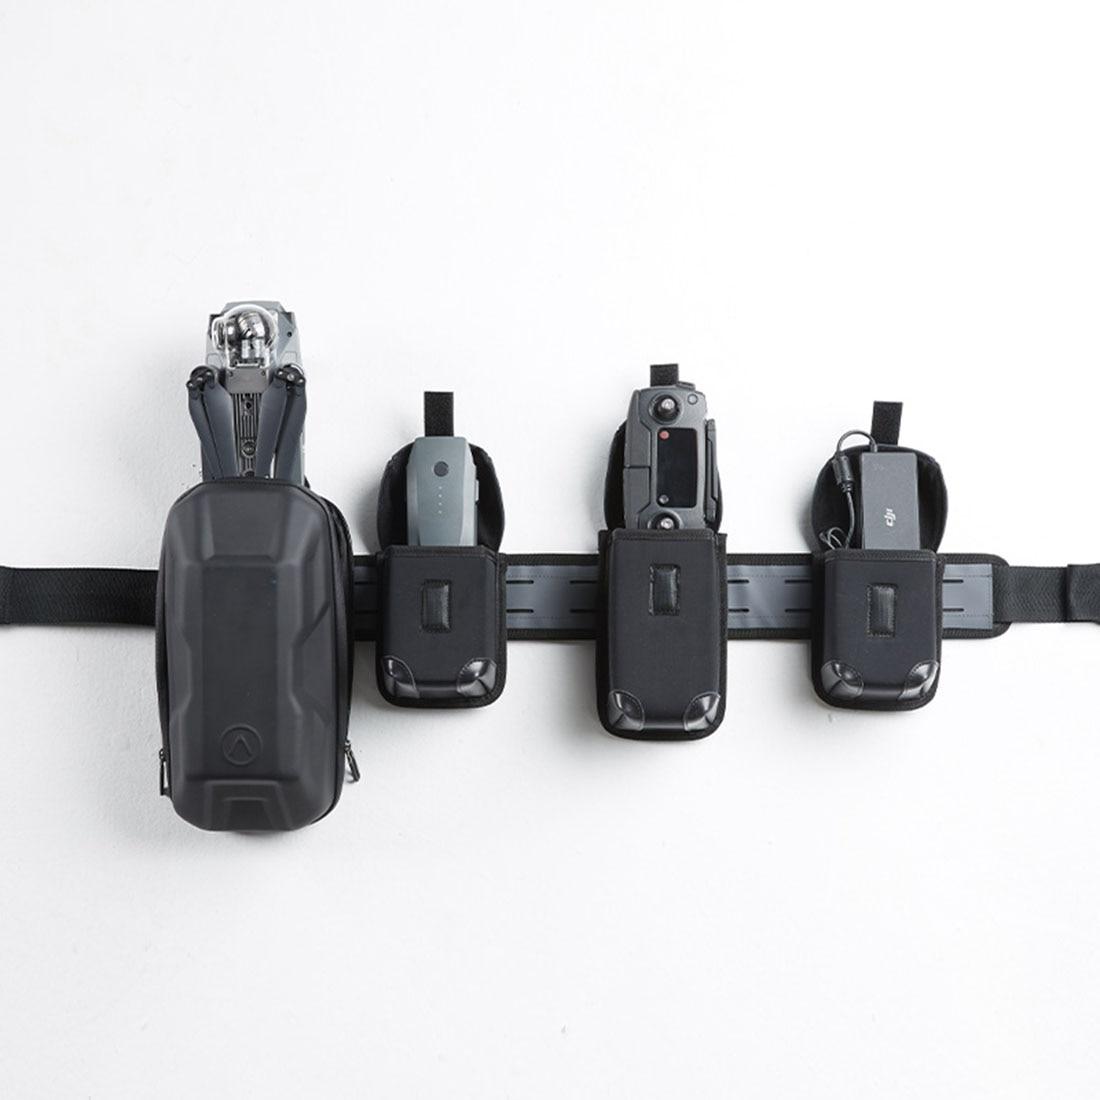 Professional Storage Bag Battery Remote Control Part Waist Bag Single Shoulder Bag for DJI Mavic Pro